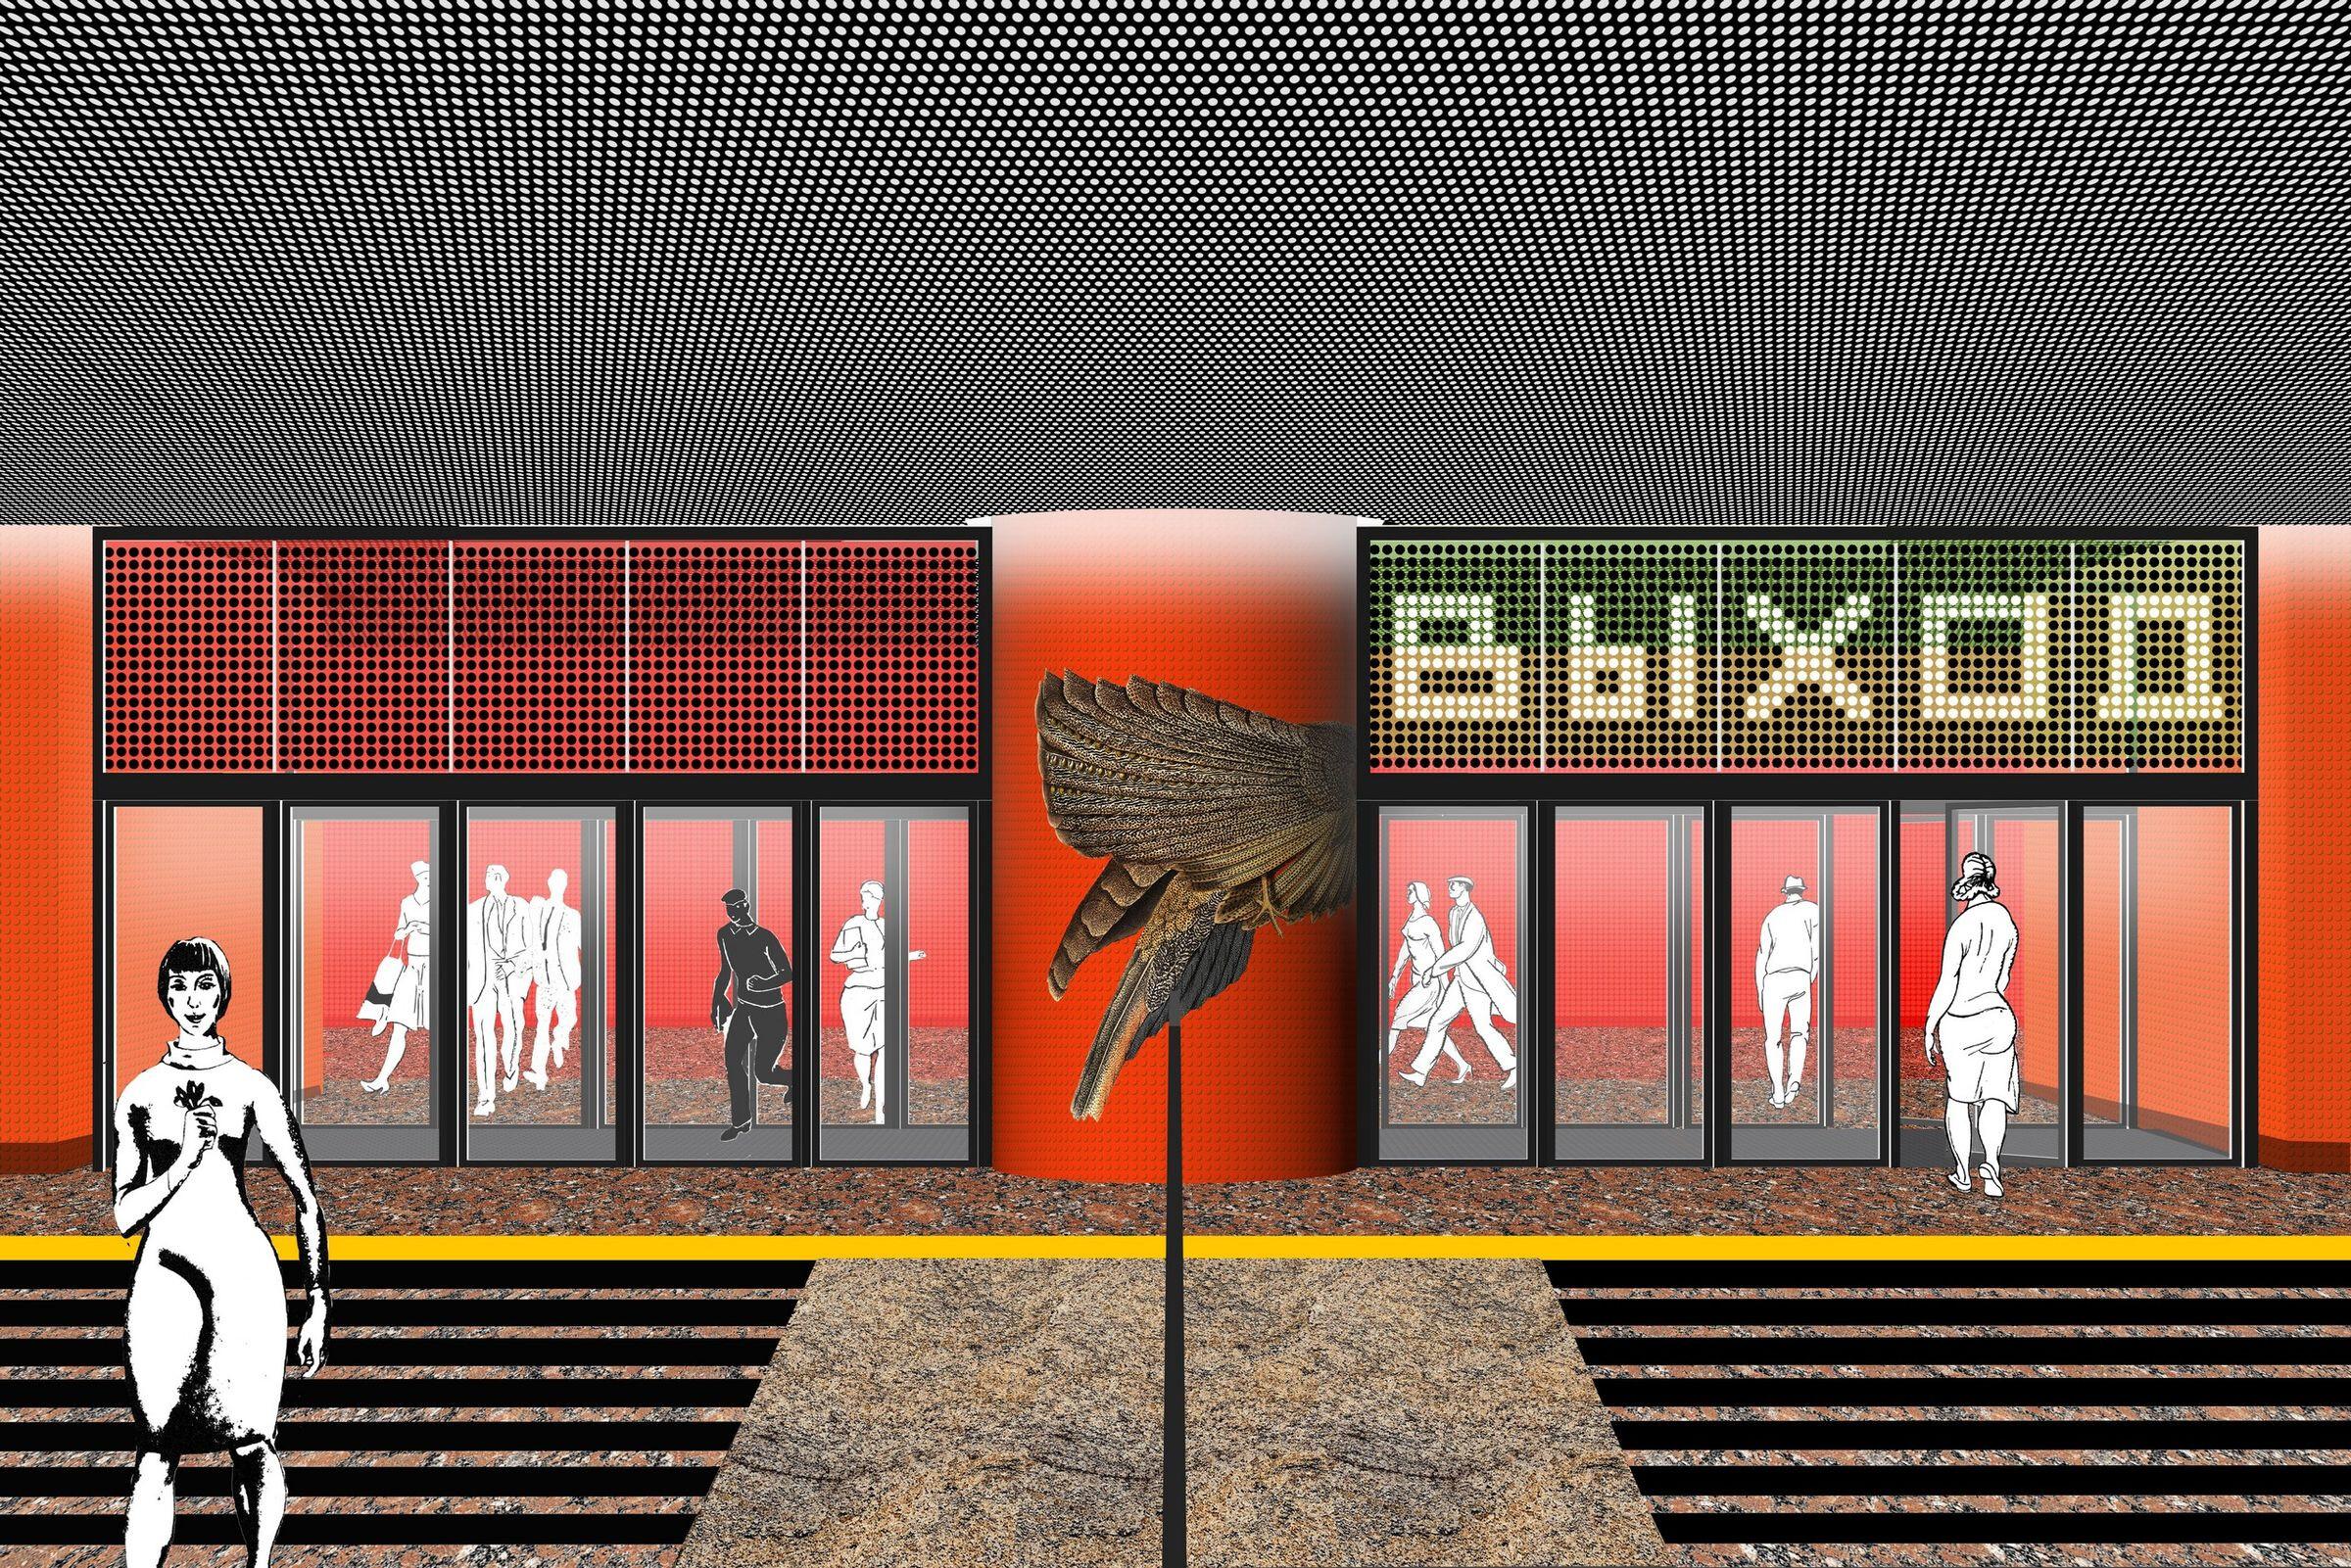 TEREKHOVO Metro Station